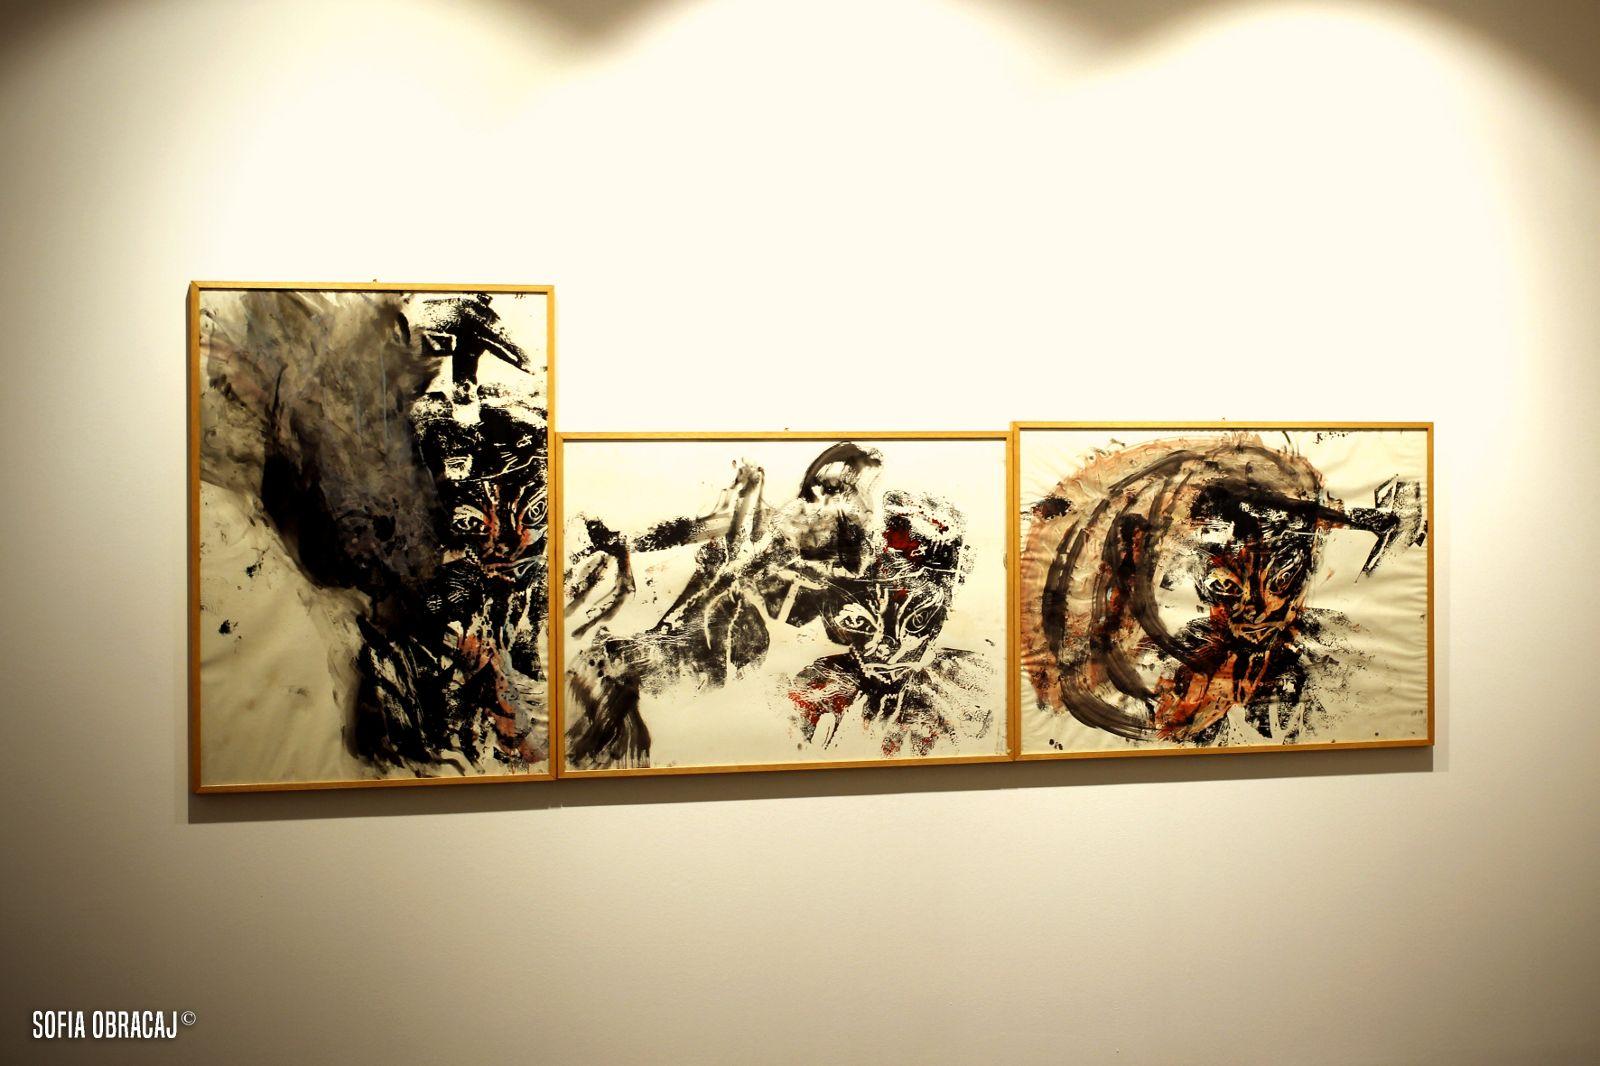 Tritico su carta di Martin Disler, in mostra allo Studio d'Arte Cannaviello, dove si nota l'uso del monotipo. Ph. Sofia Obracaj